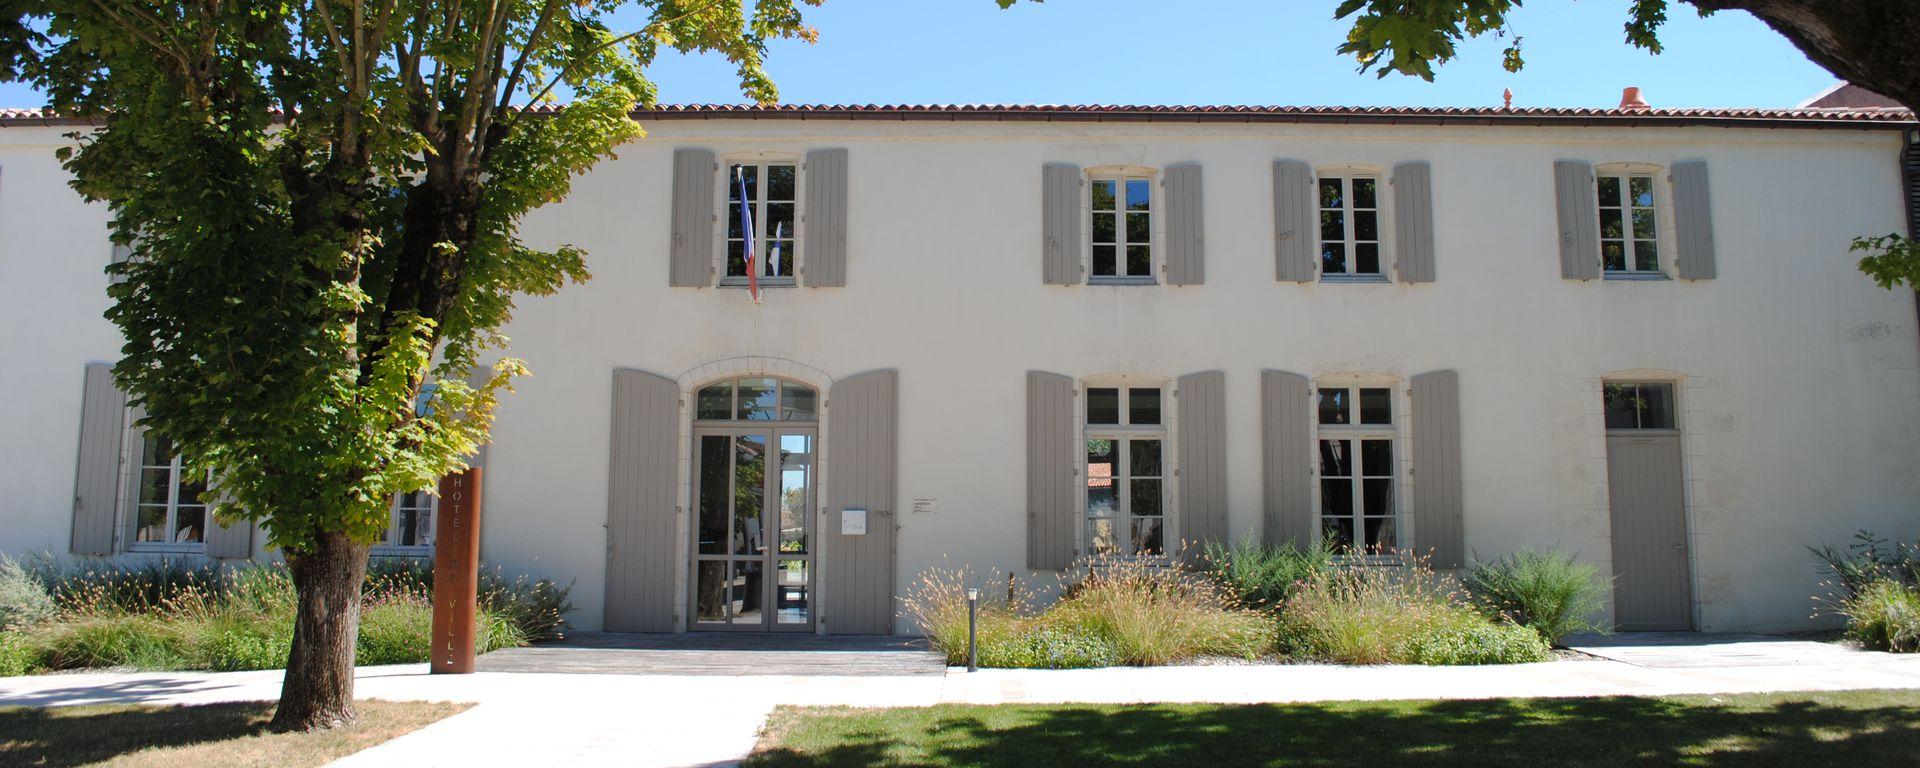 Hôtel de Ville - © Mairie de Dompierre sur Mer